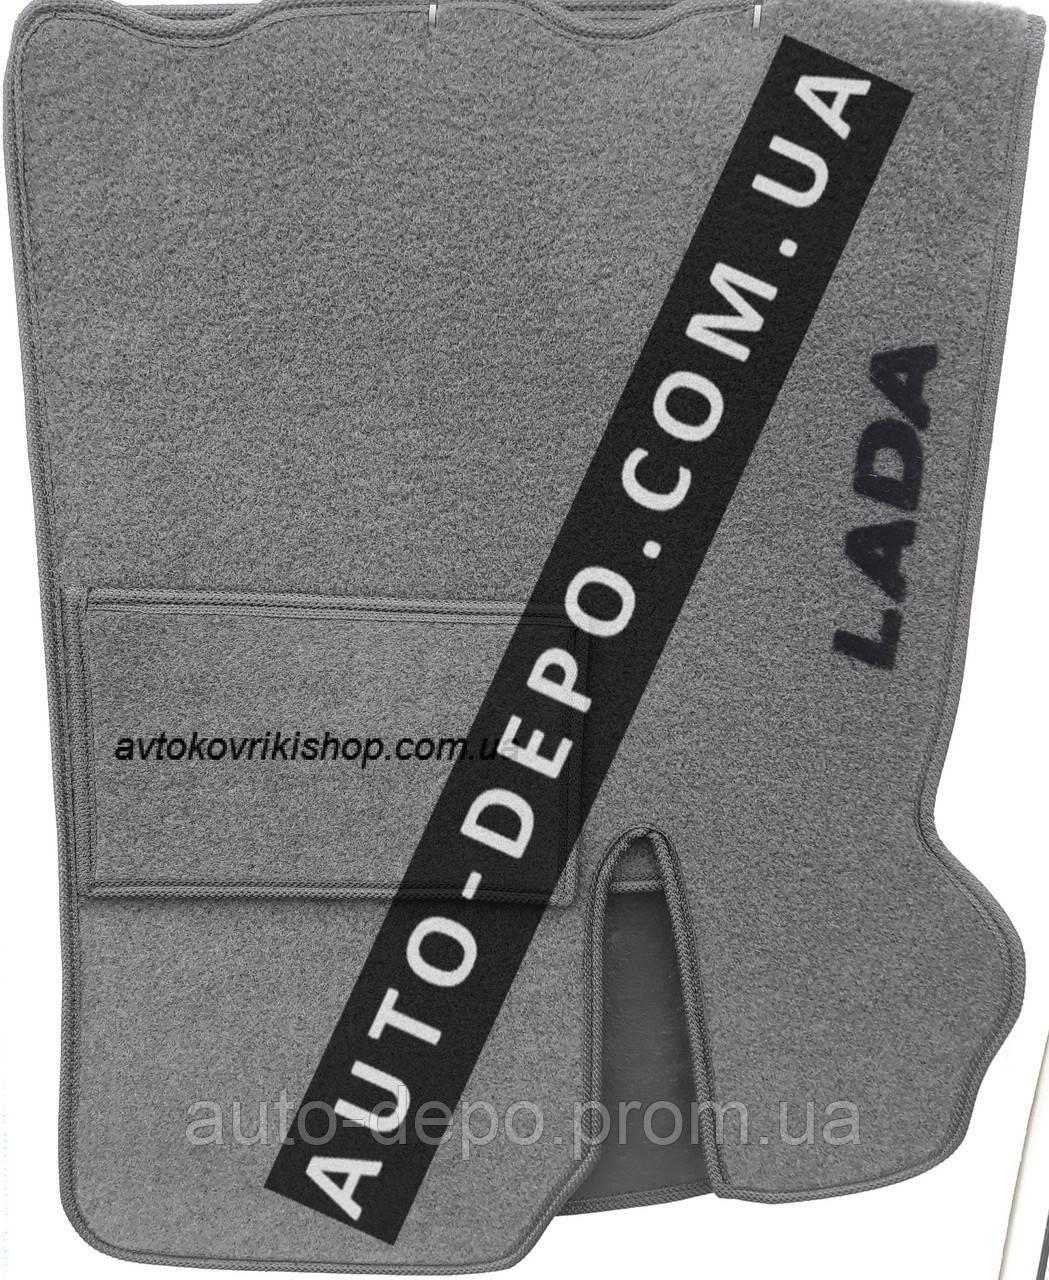 Ворсові килимки Lada Пріора 2007 - VIP ЛЮКС АВТО-ВОРС